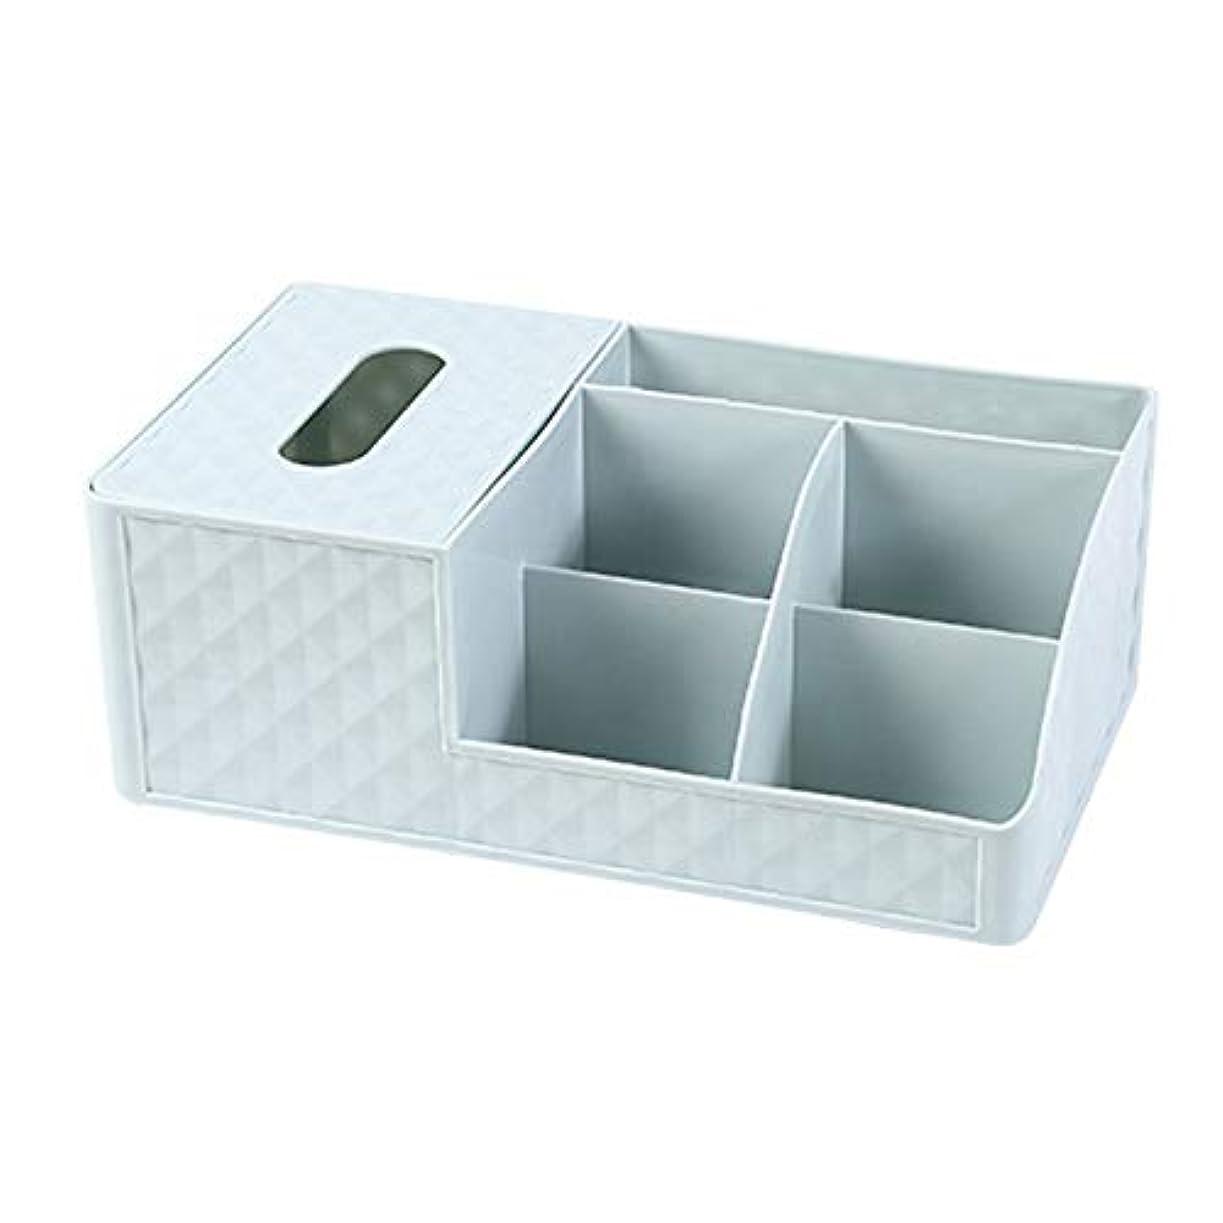 準備する勝利したスキームCUHAWUDBA プラスチック化粧品収納ボックス オフィスデスクトップ収納化粧収納ボックス ペーパータオルコンテナ棺ペンホルダー 家庭用ゴミ収納ボックス、ブルー